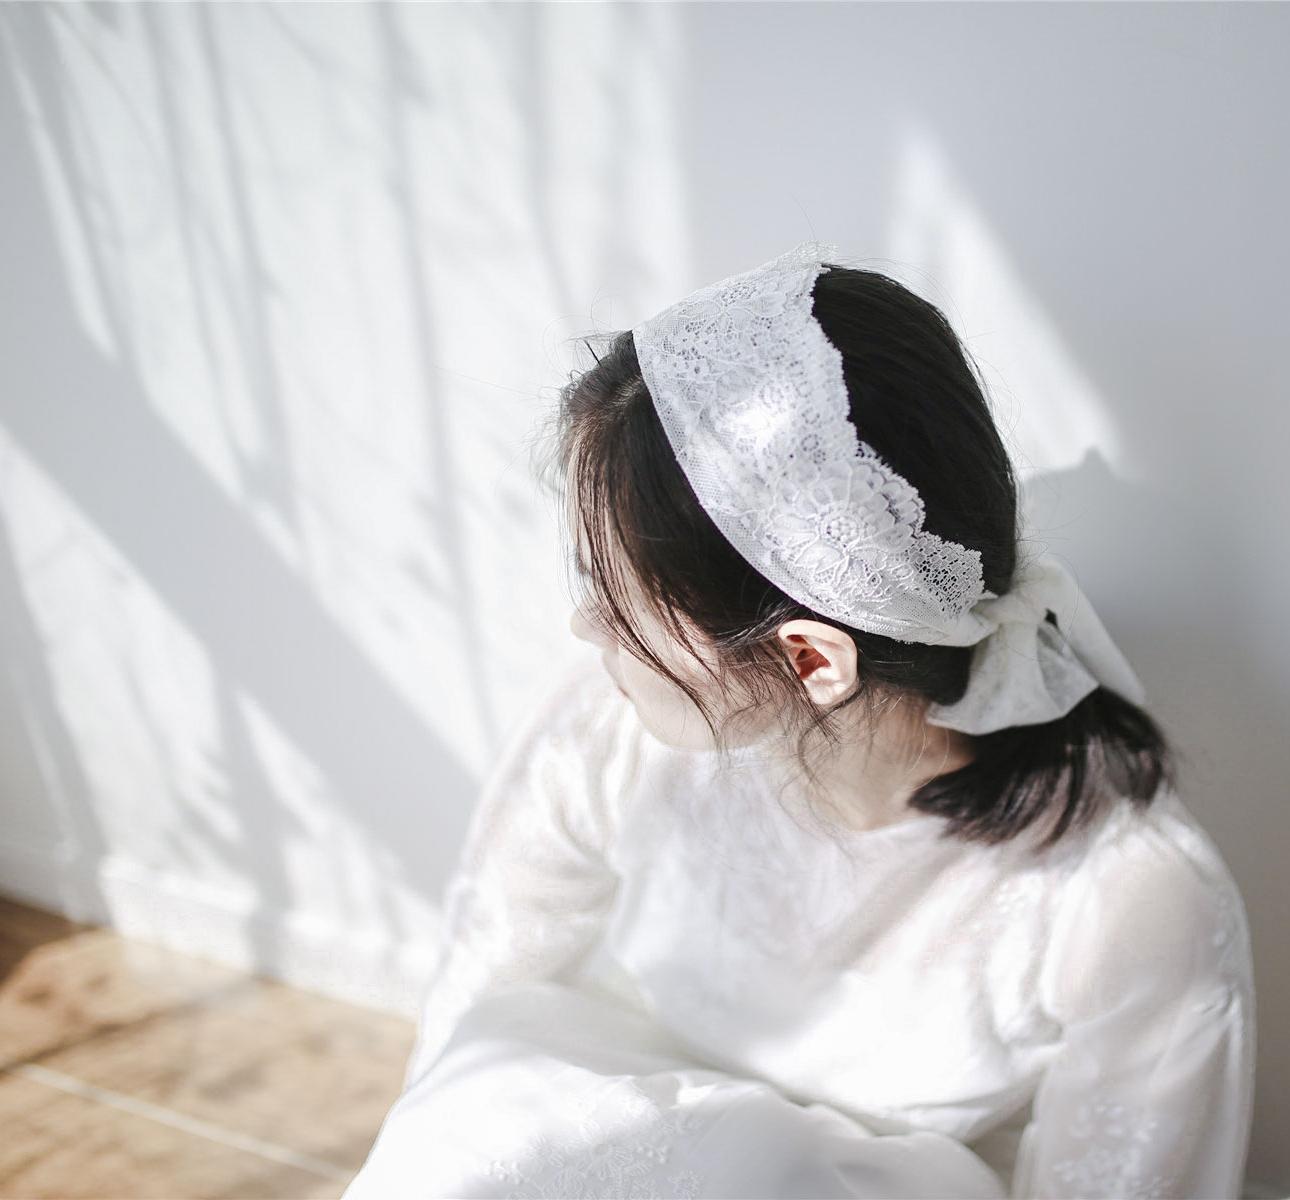 12月02日最新优惠复古蕾丝发带 森系新娘发饰头饰摄影道具 白色旅拍照头纱写真配饰